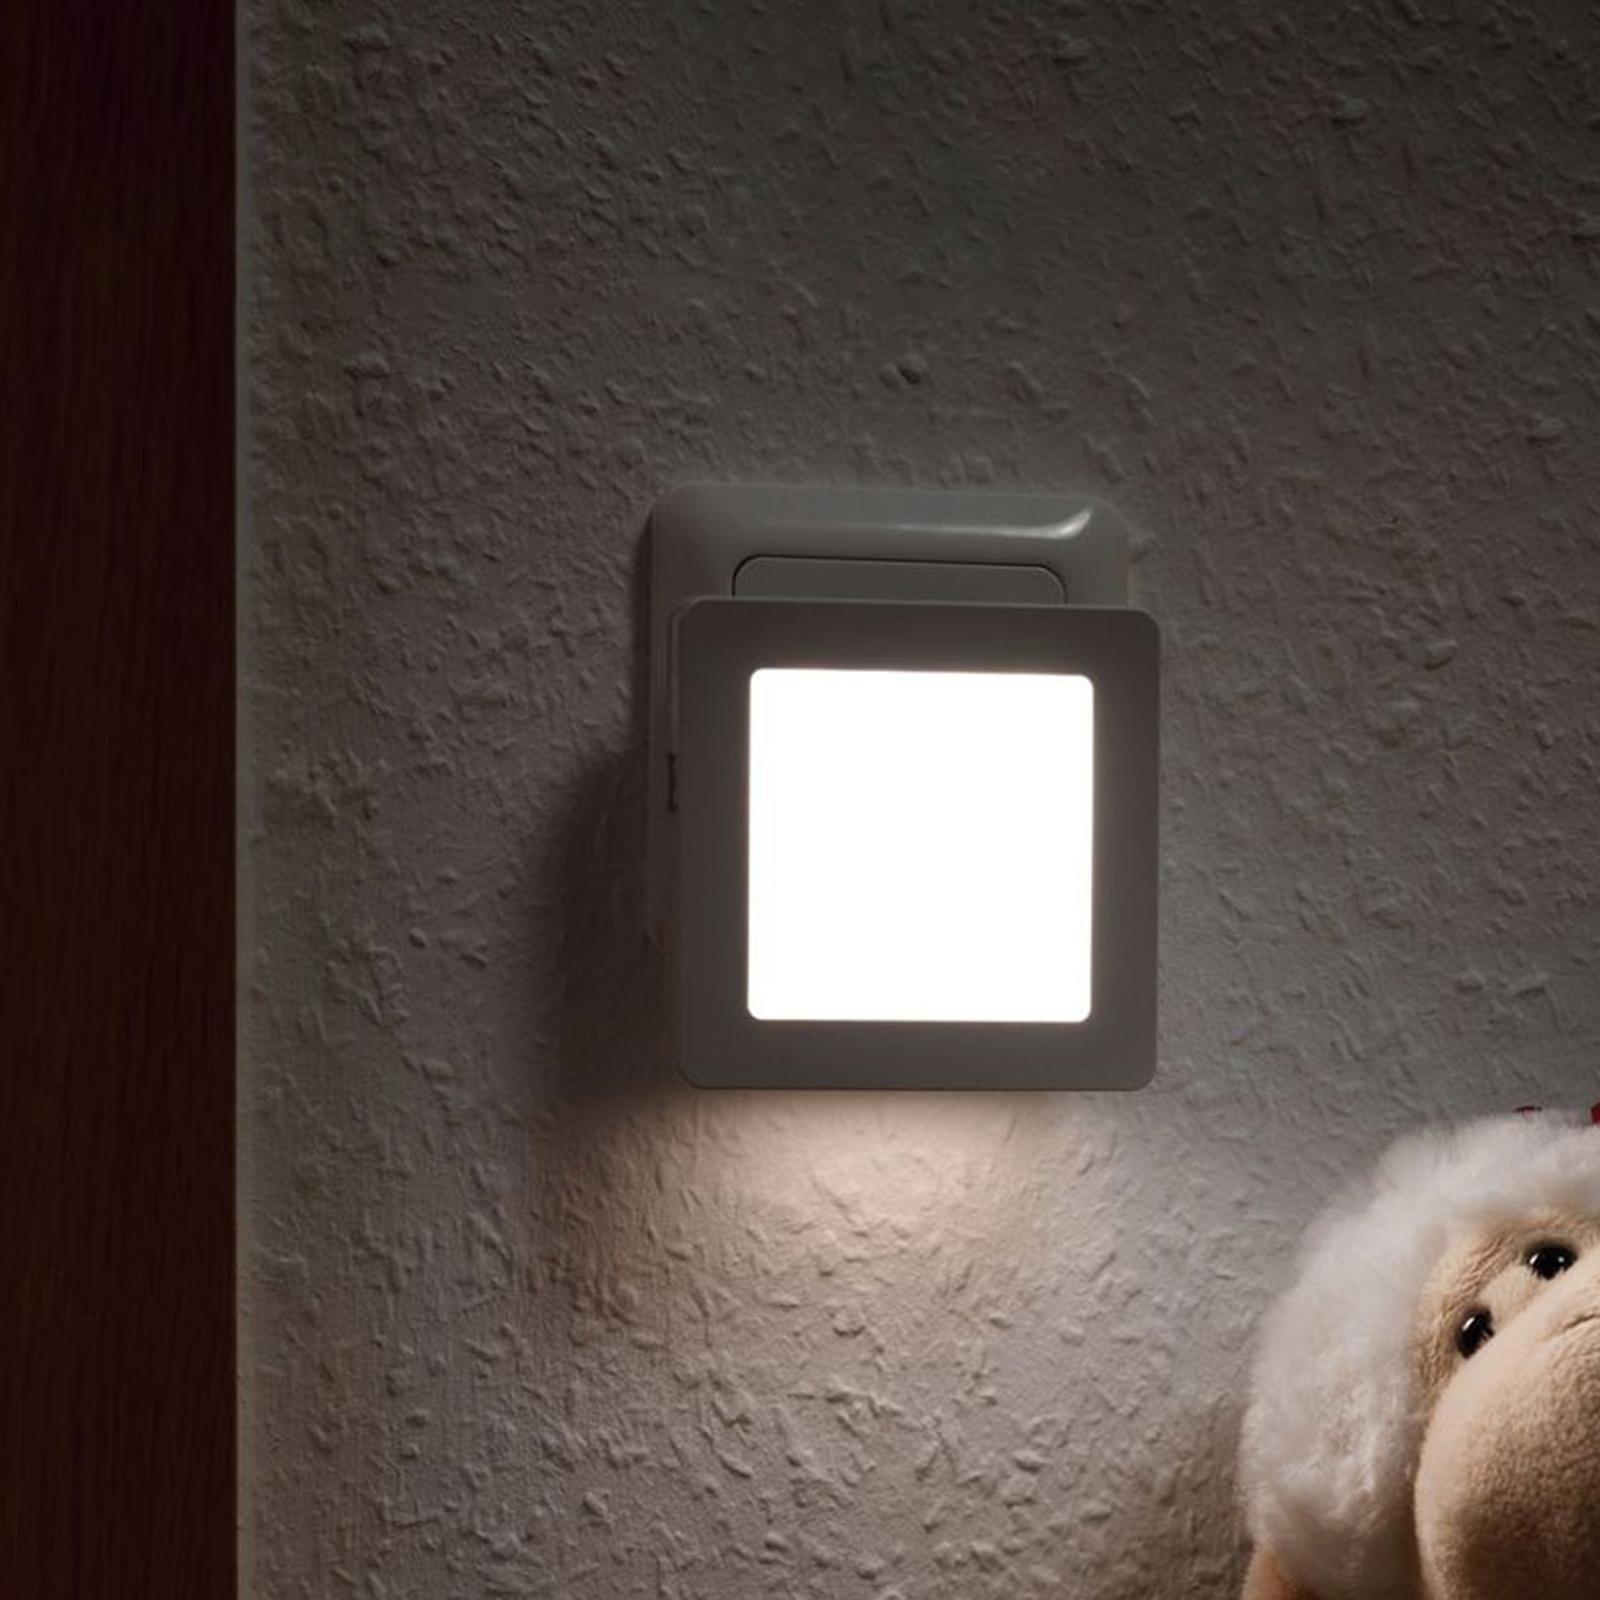 Paulmann Esby lampka nocna LED gniazdo, kątowa